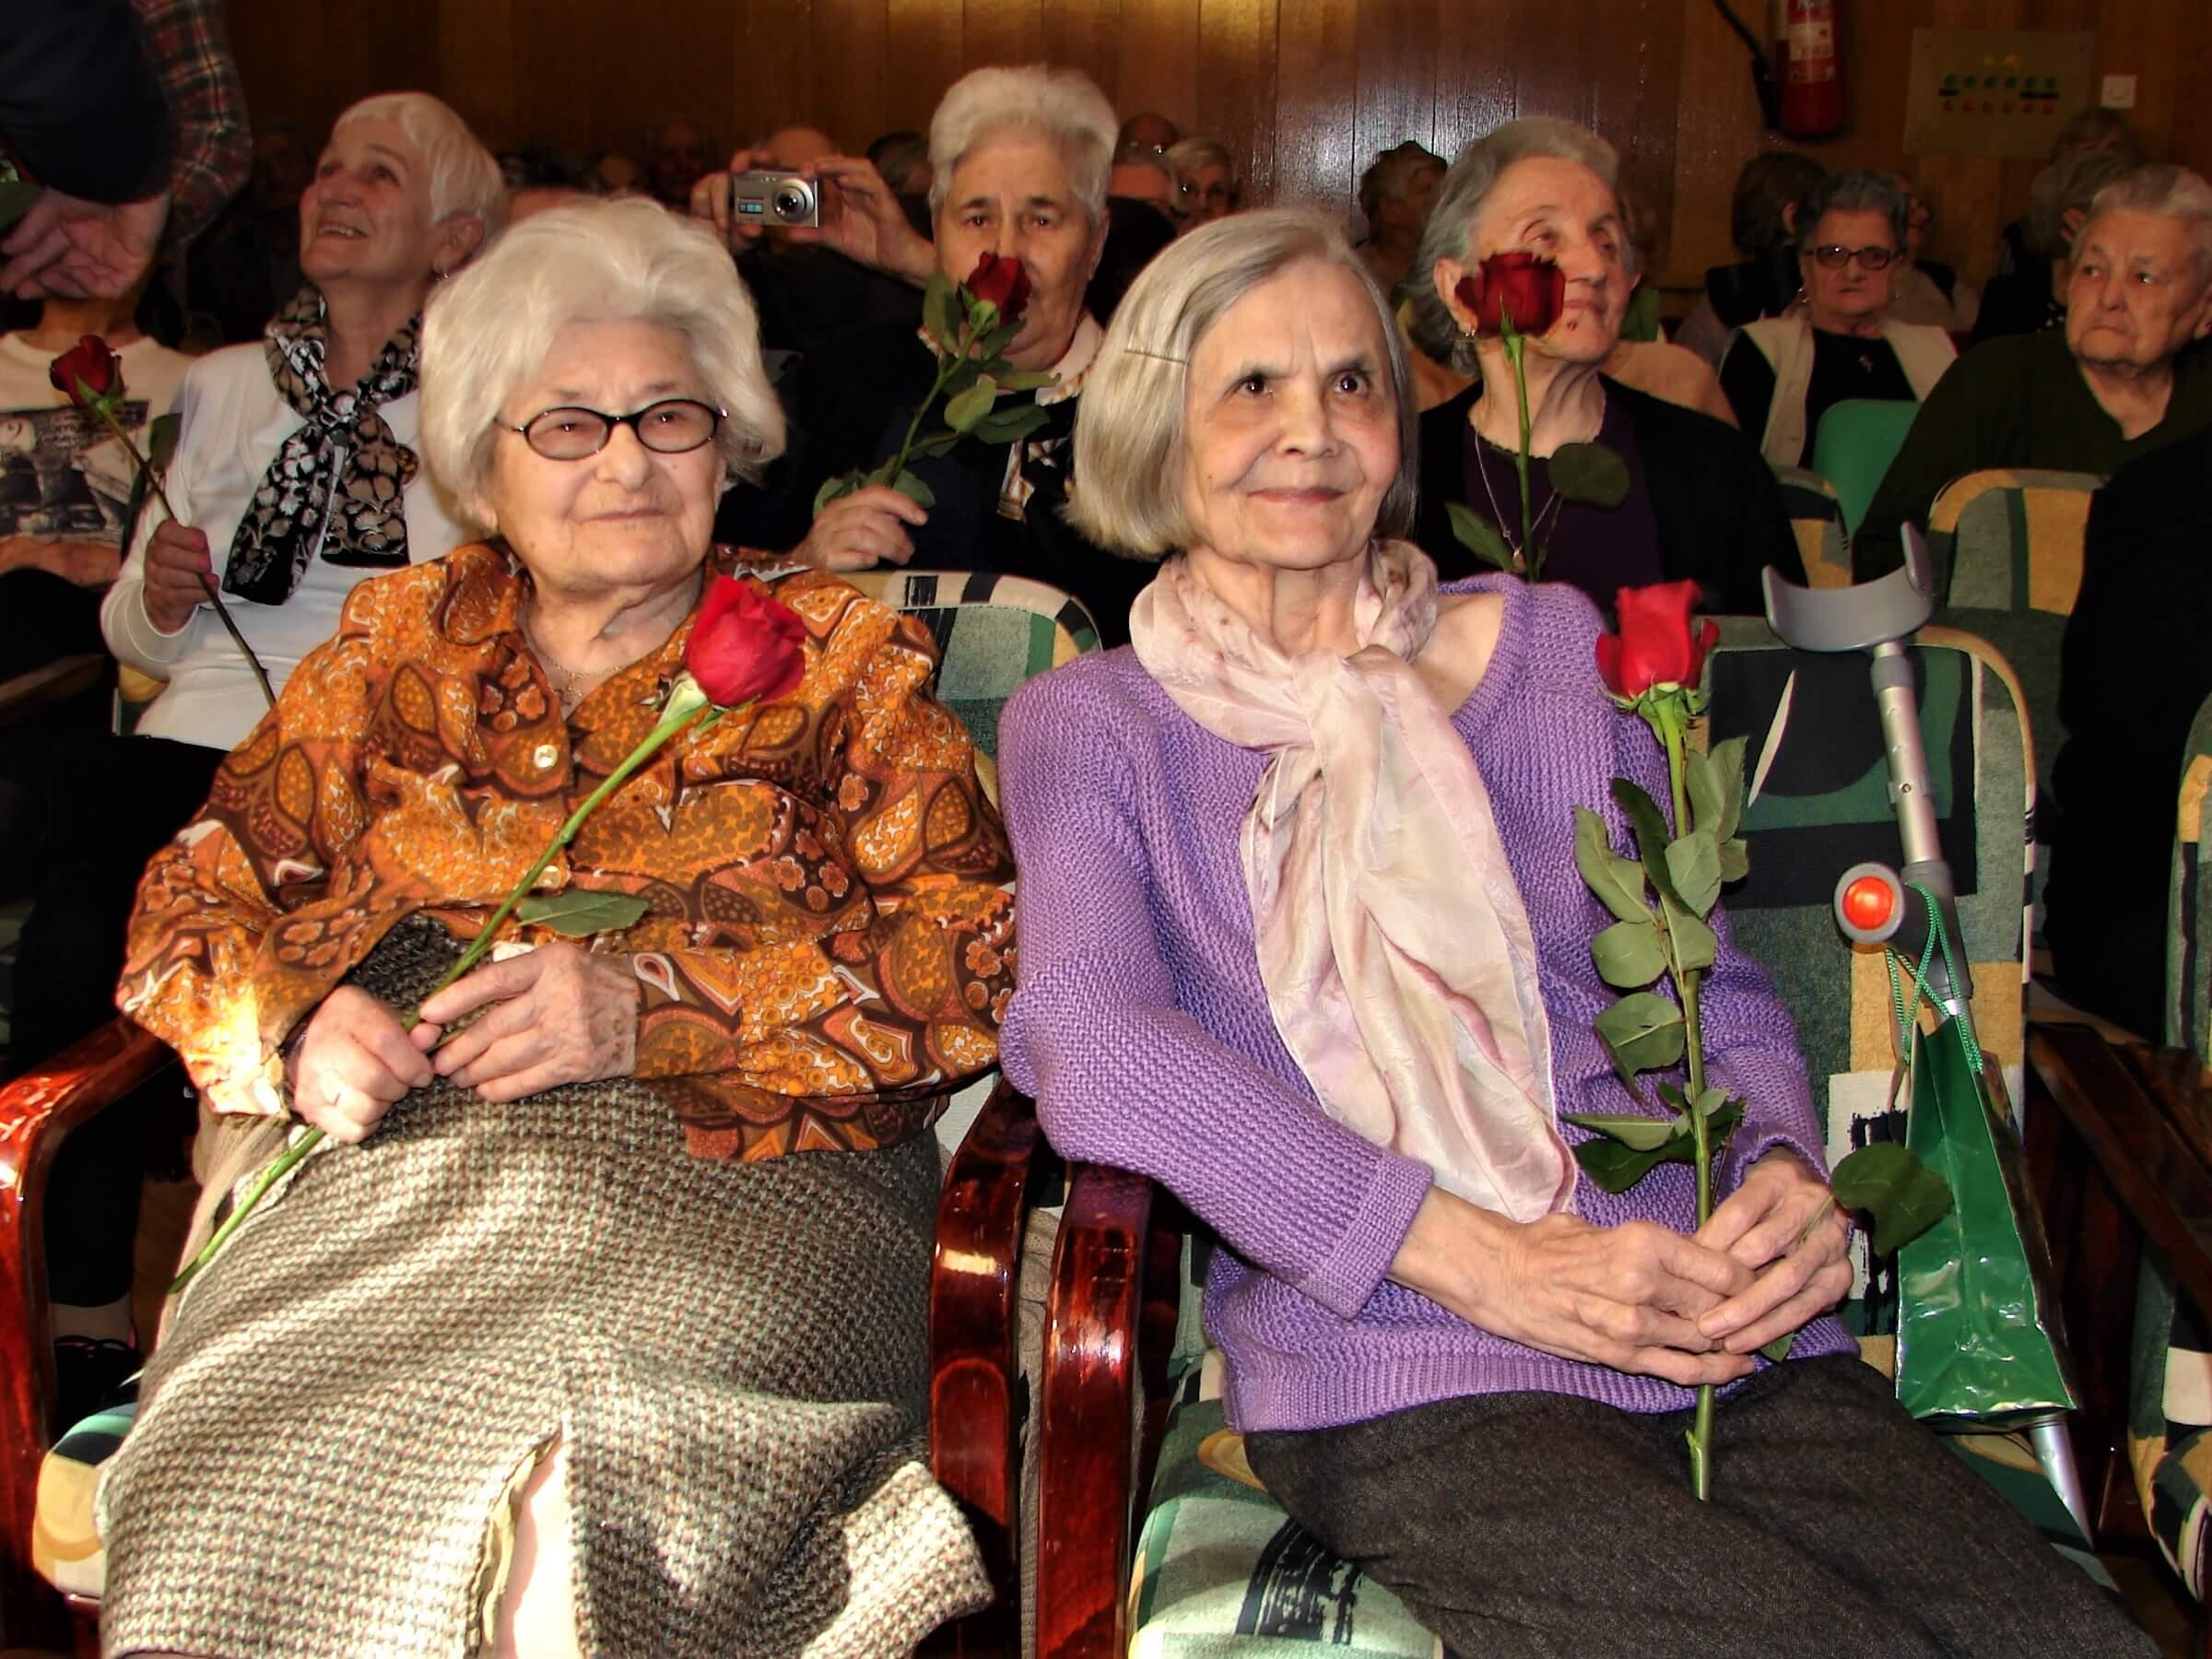 Zemlja umirovljenica: Ženama i do 800 kuna niža mirovina nego muškarcima!